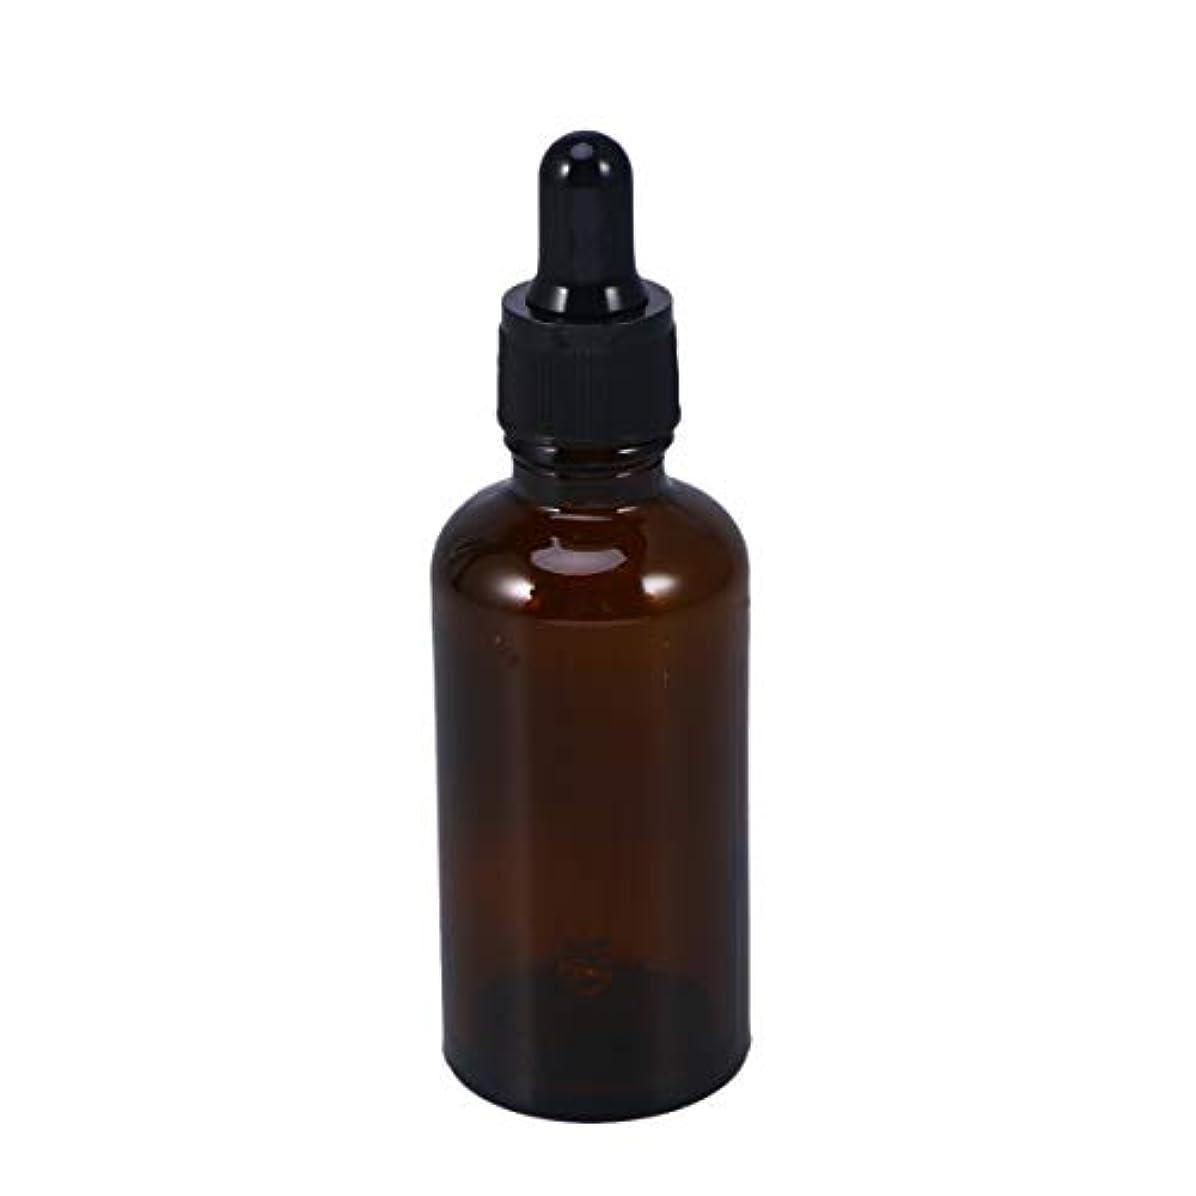 宝石悪性腫瘍タンカーFrcolor 遮光瓶 スポイト遮光瓶 スポイト付き アロマボトル 50ml 保存容器 エッセンシャルオイル 香水 保存用 詰替え ガラス 茶色